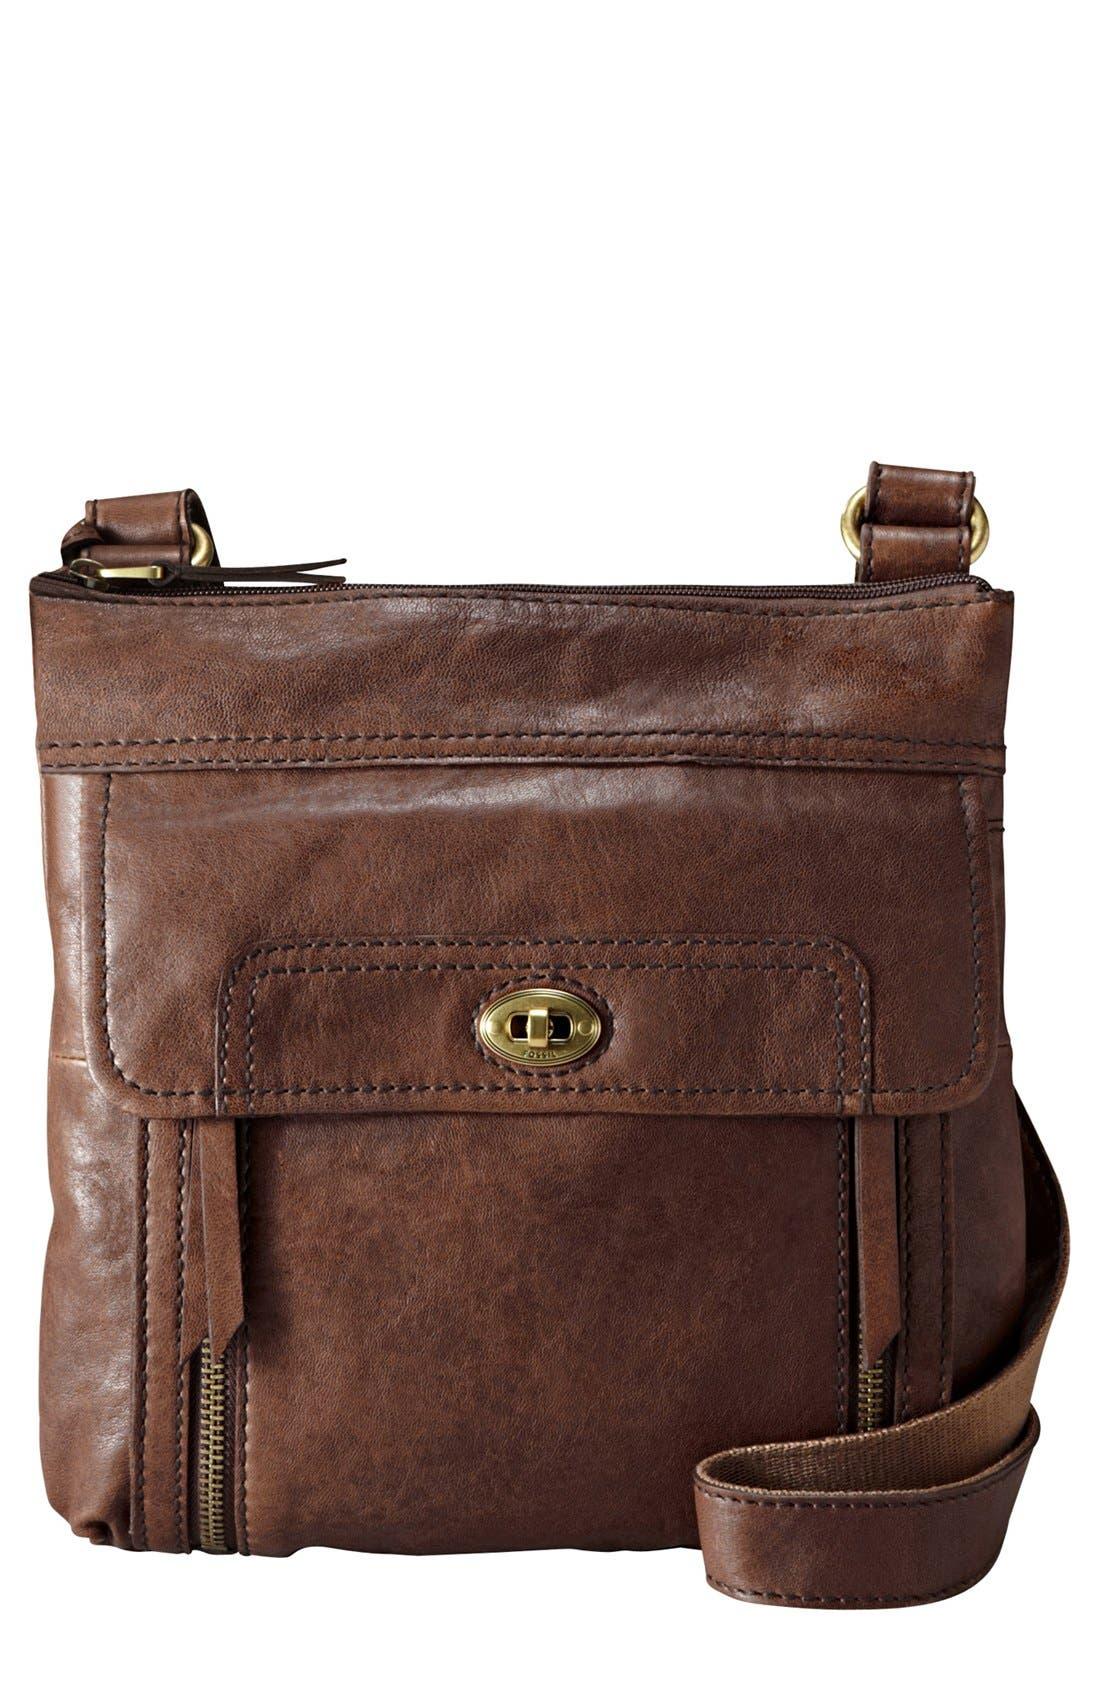 Alternate Image 1 Selected - Fossil 'Stanton Traveler' Crossbody Bag